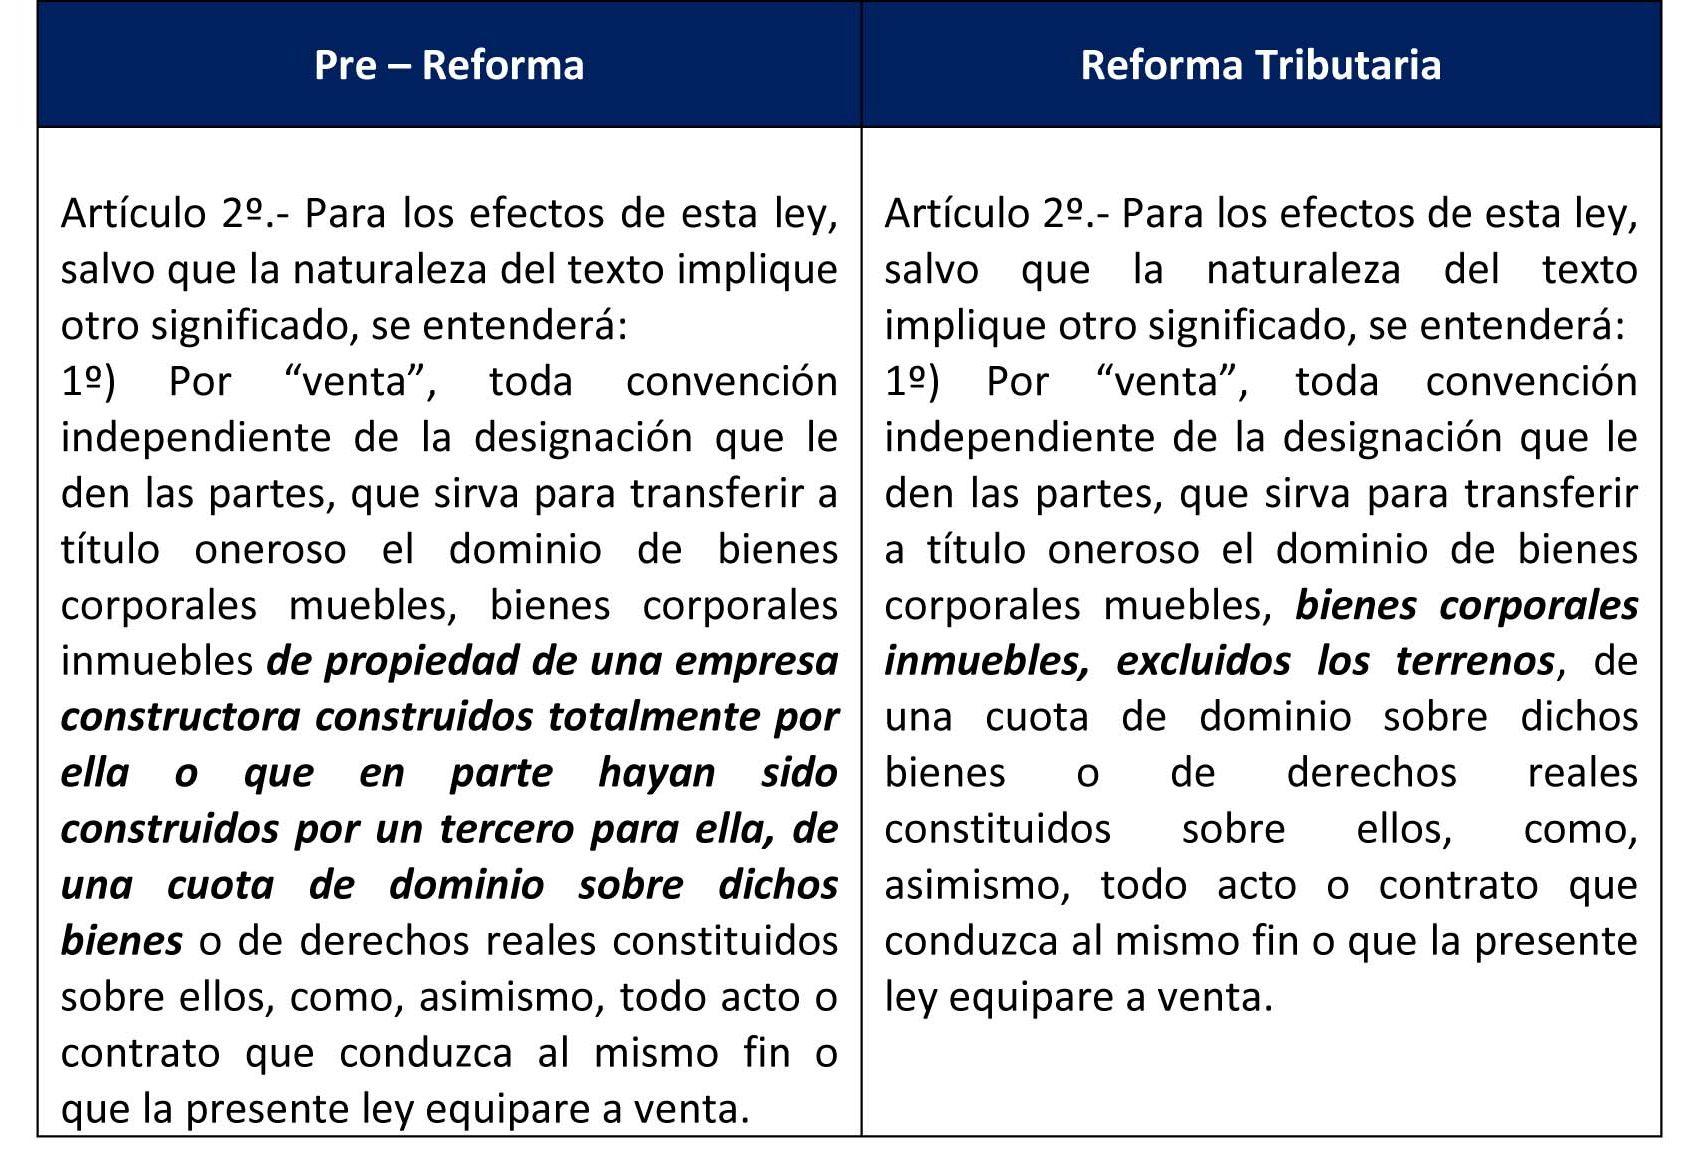 Vfcc abogados informa reforma tributaria en materia de for Impuesto de bienes muebles